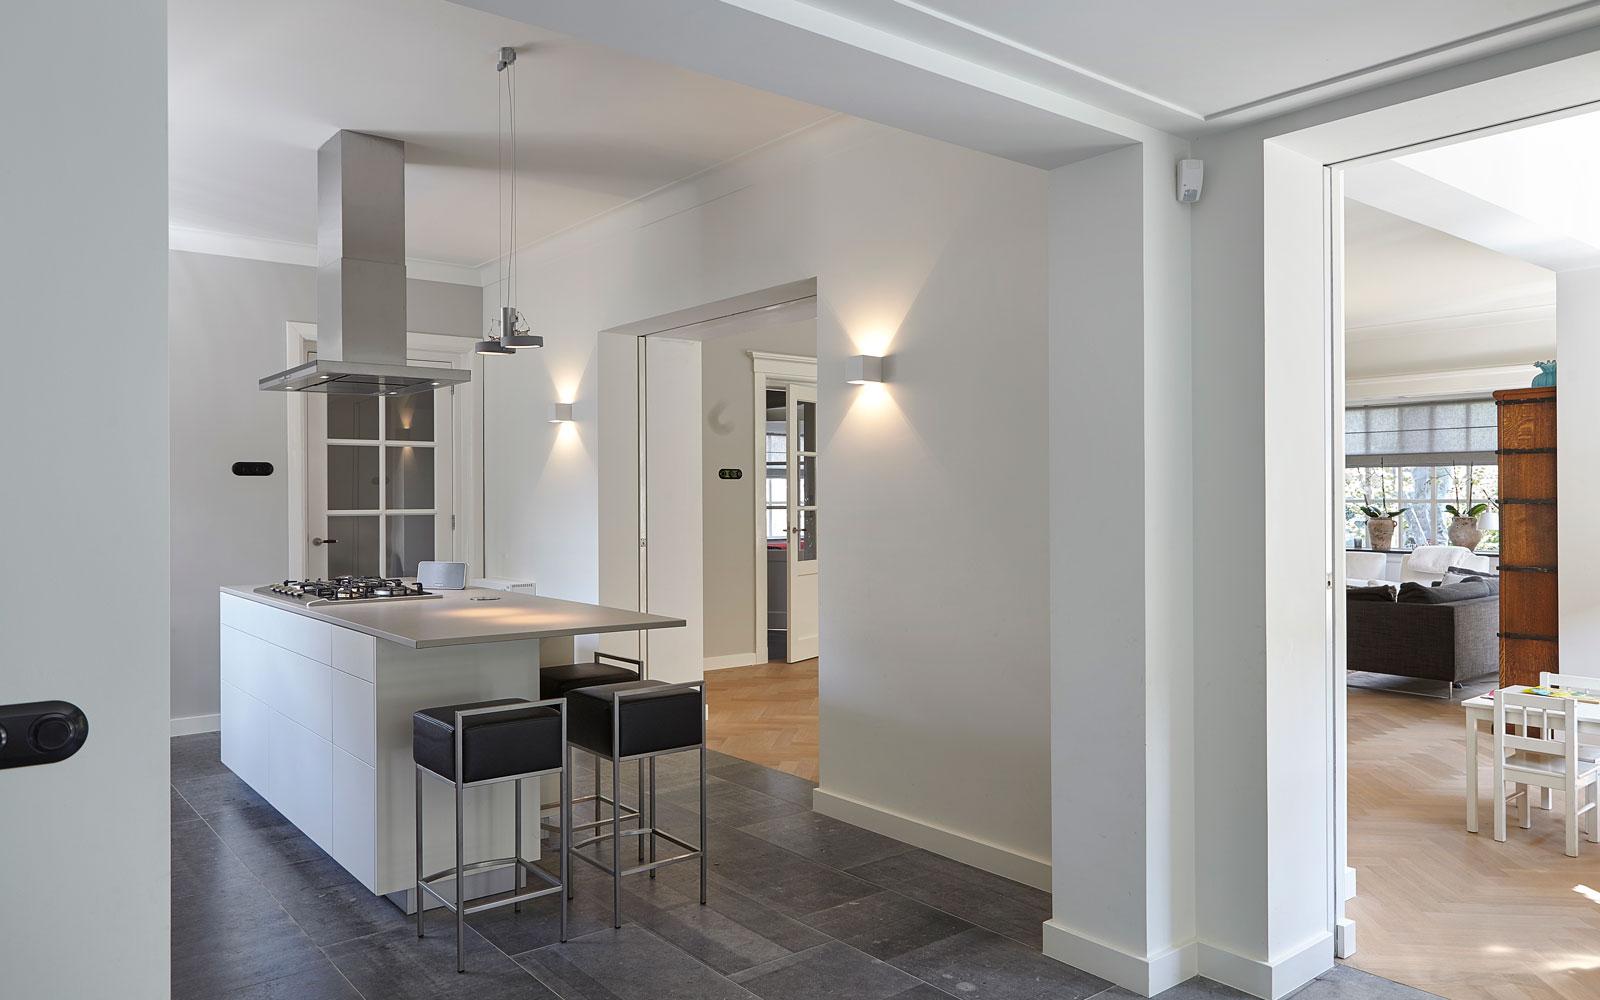 Keuken, tegevloer, natuursteen, Revy Stone, jaren 30 villa, renovatie, Marco Daverveld